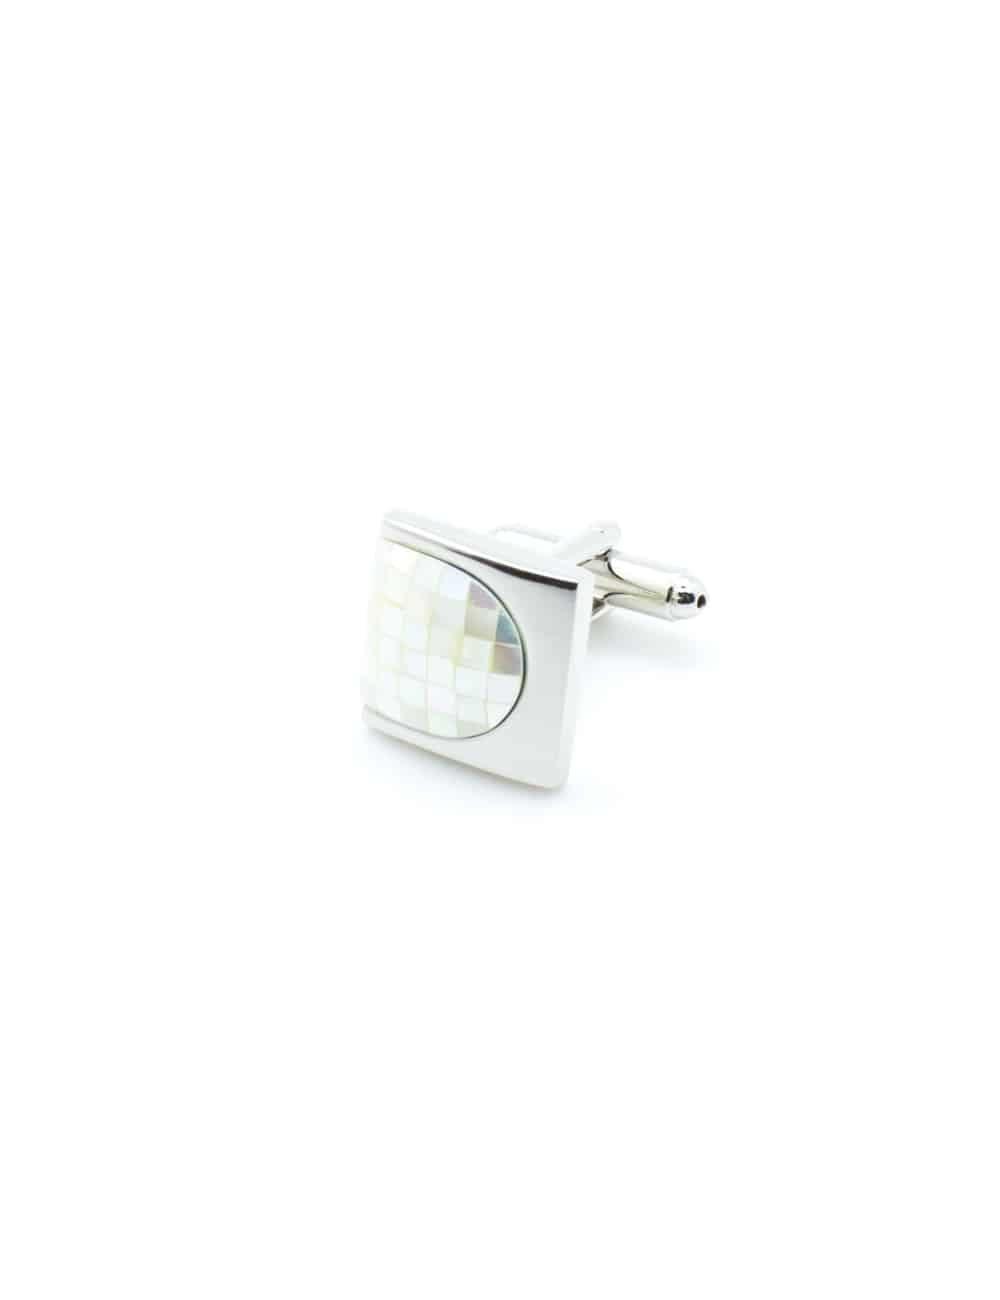 Chrome silver thumbnail cufflink with plain white pearl C131FP-036b